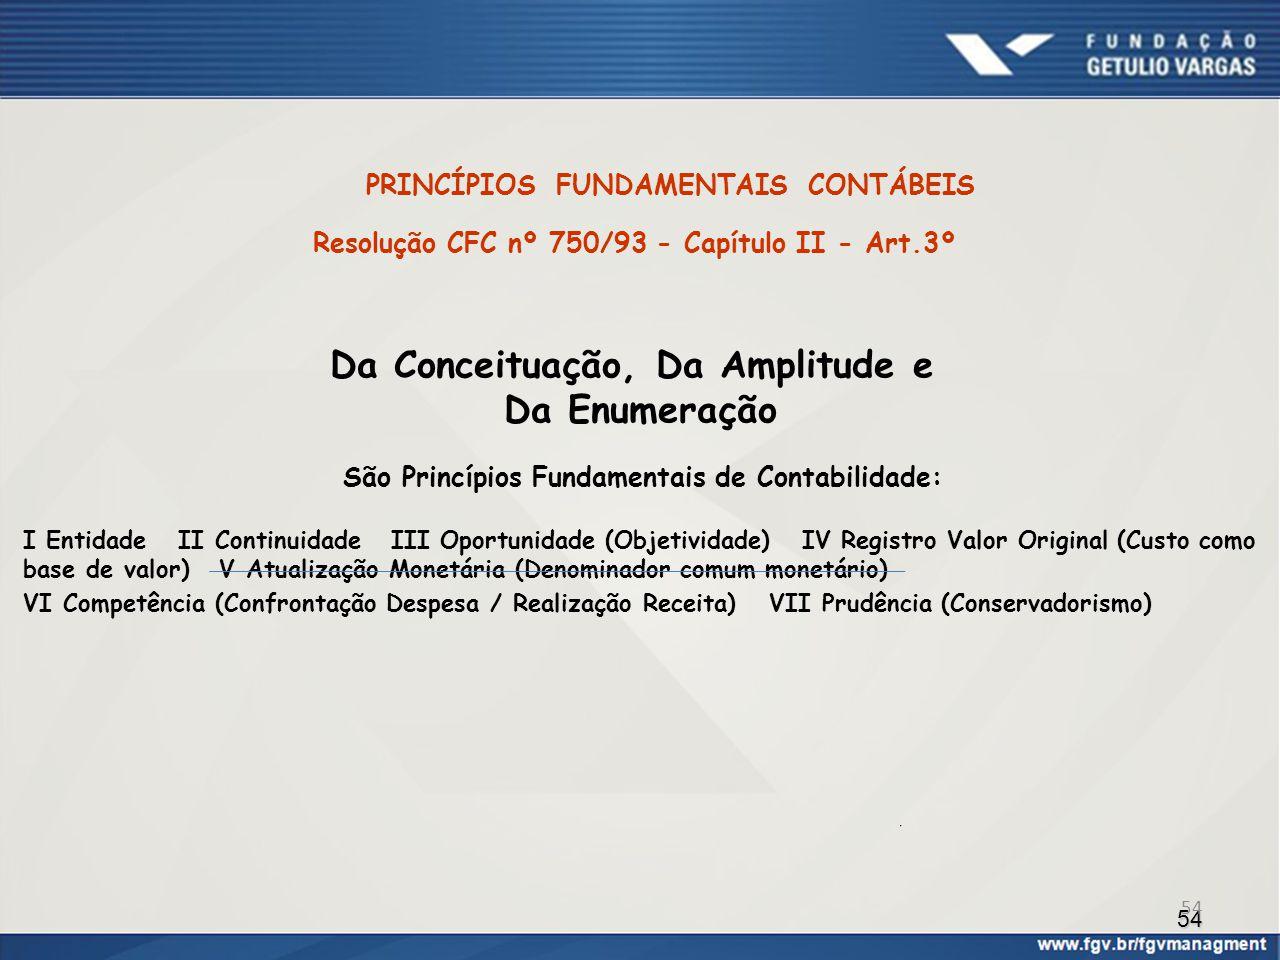 54 PRINCÍPIOS FUNDAMENTAIS CONTÁBEIS Resolução CFC nº 750/93 - Capítulo II - Art.3º Da Conceituação, Da Amplitude e Da Enumeração São Princípios Funda